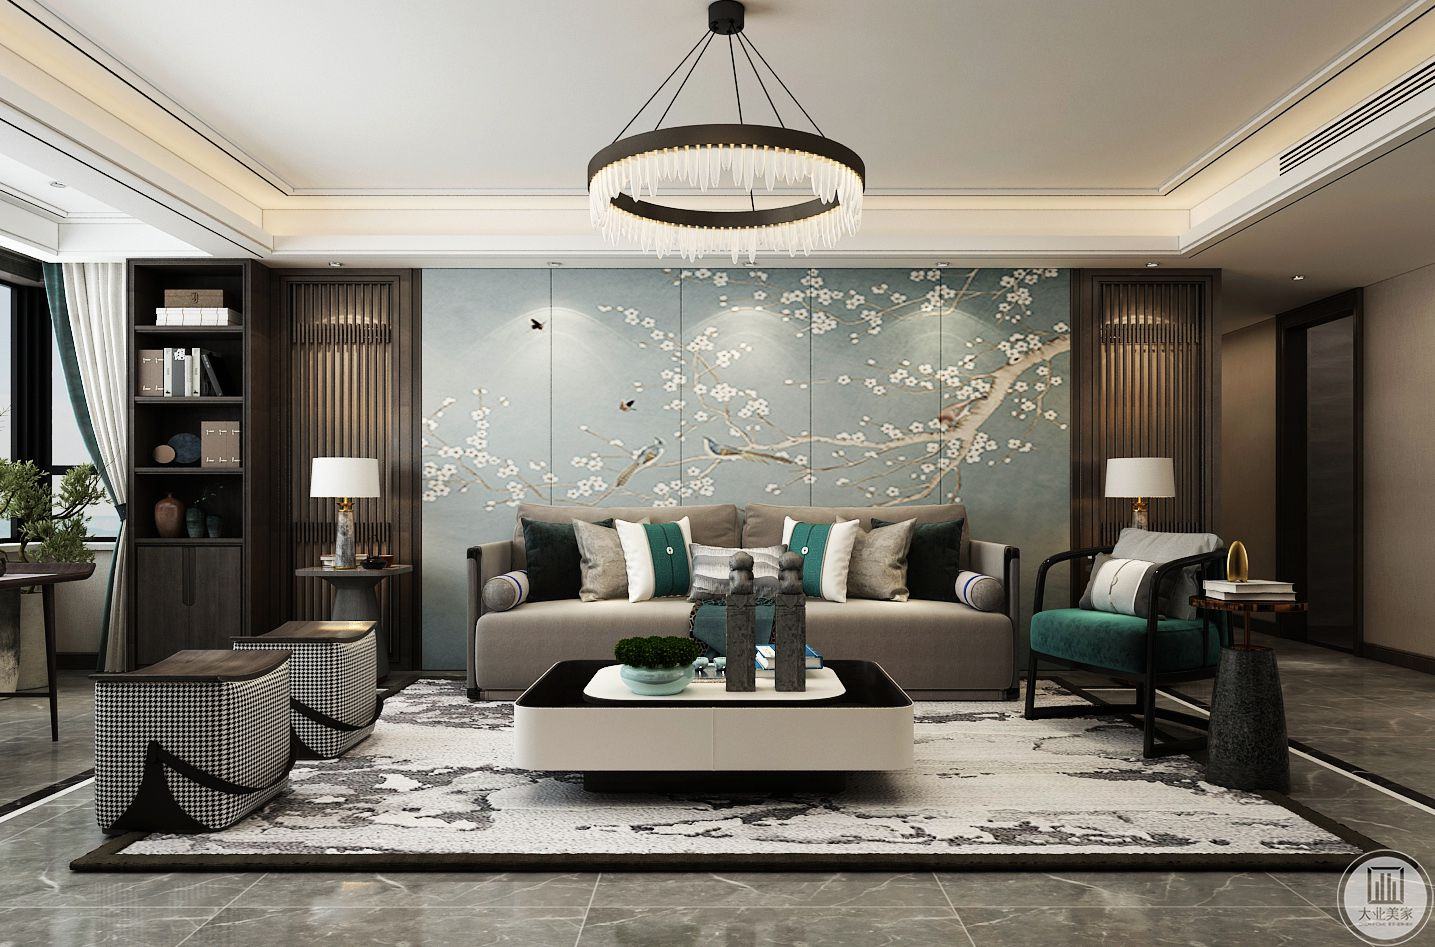 沙发背景考虑用壁画硬包做主要造型,两边有木制栅格做对称